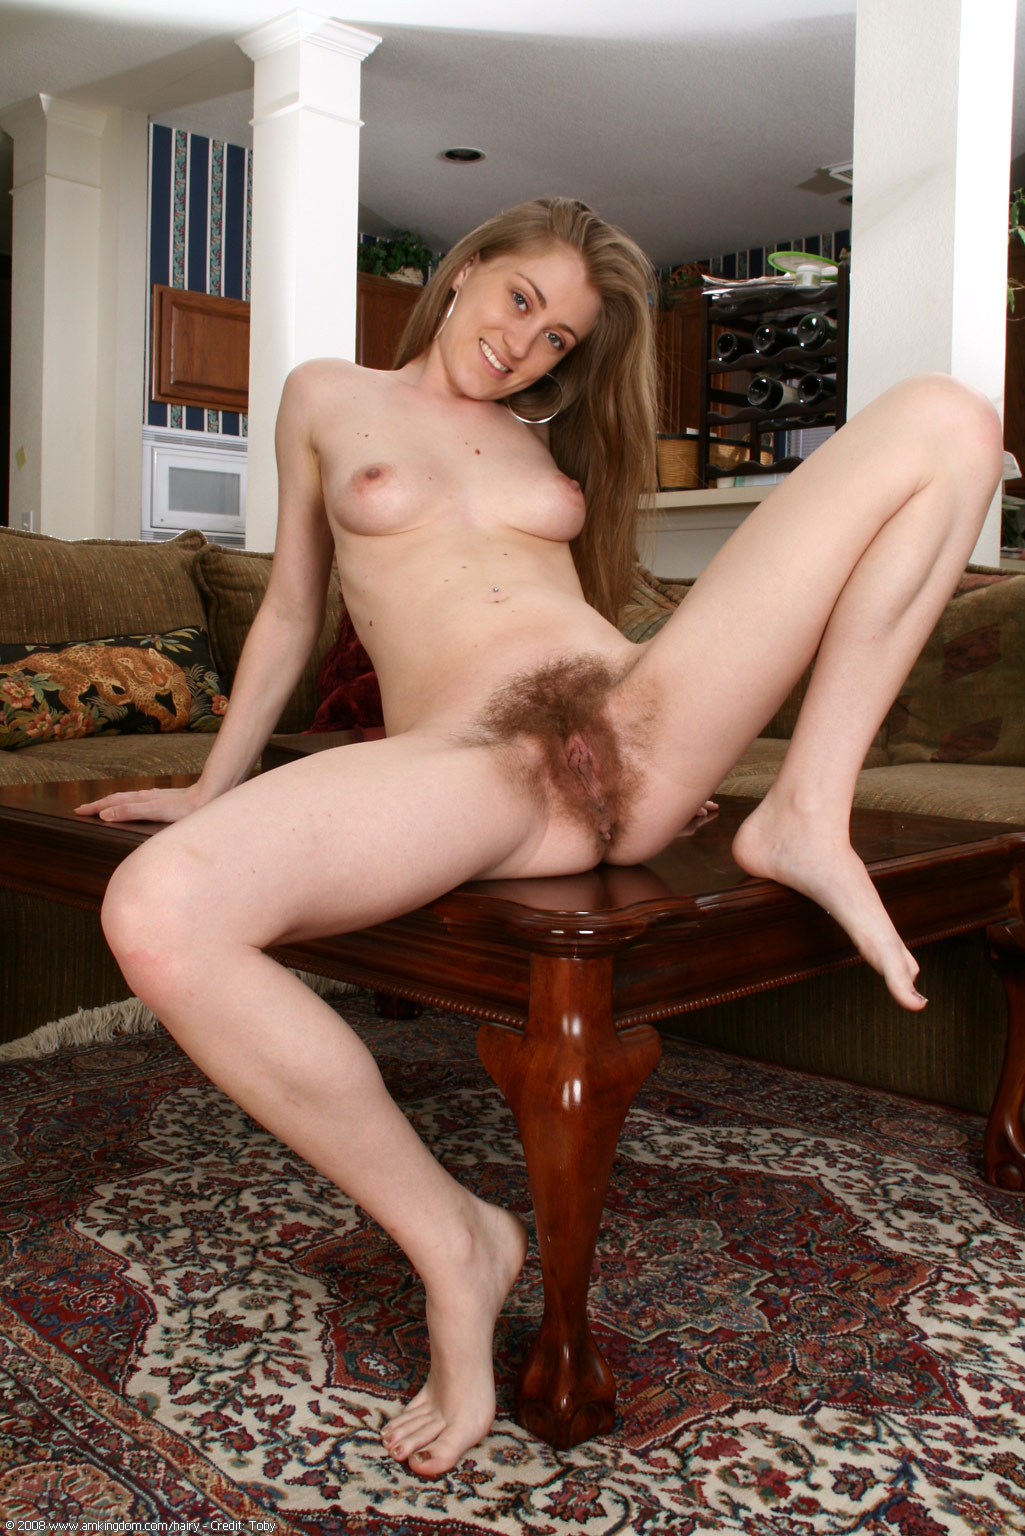 Dwarf female porn galleries naked galleries